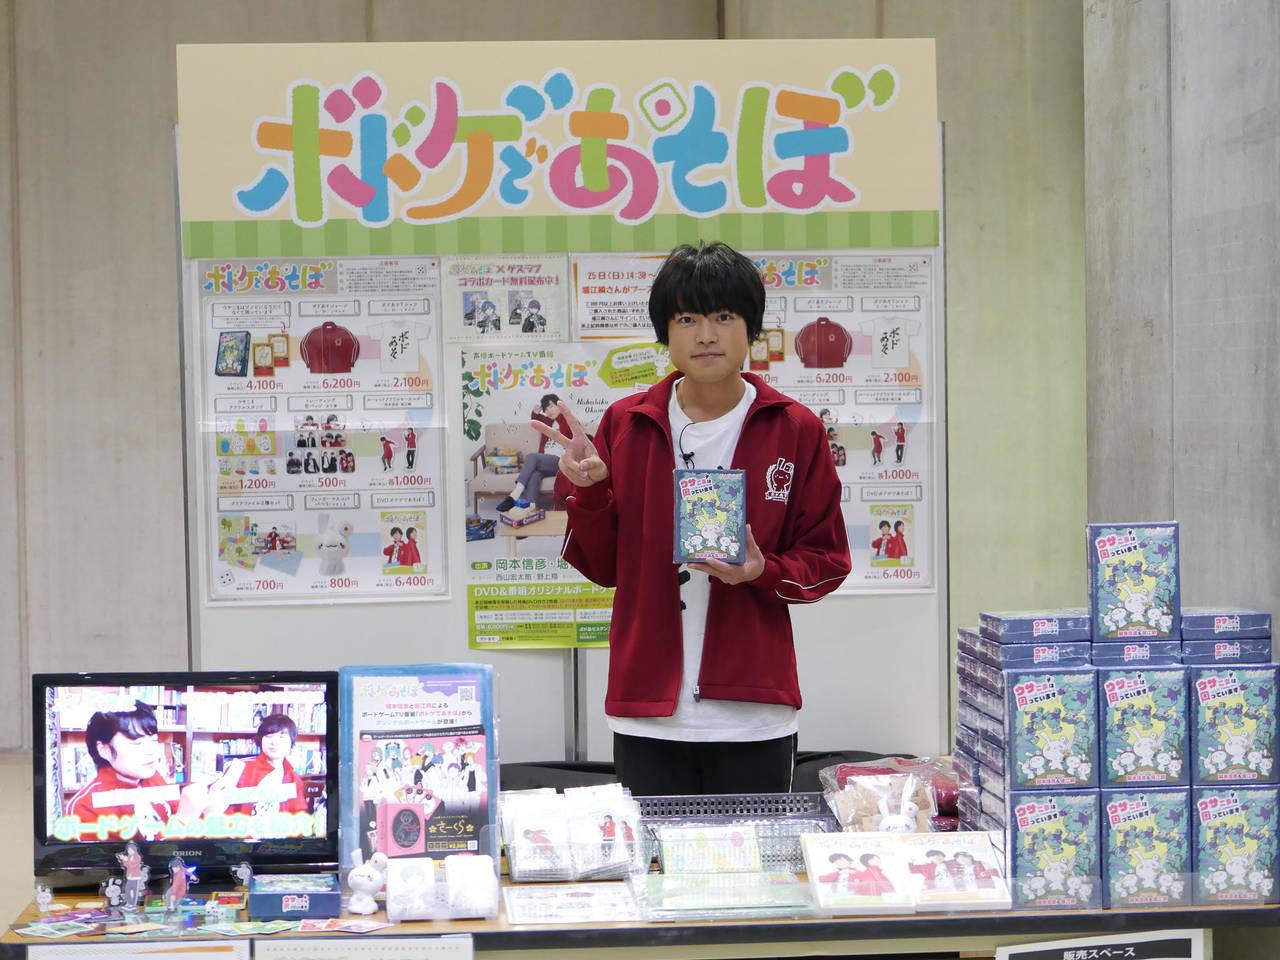 テレビ番組『ボドゲであそぼ』MC堀江瞬がゲームマーケットに登場! サイン会後のインタビューを公開